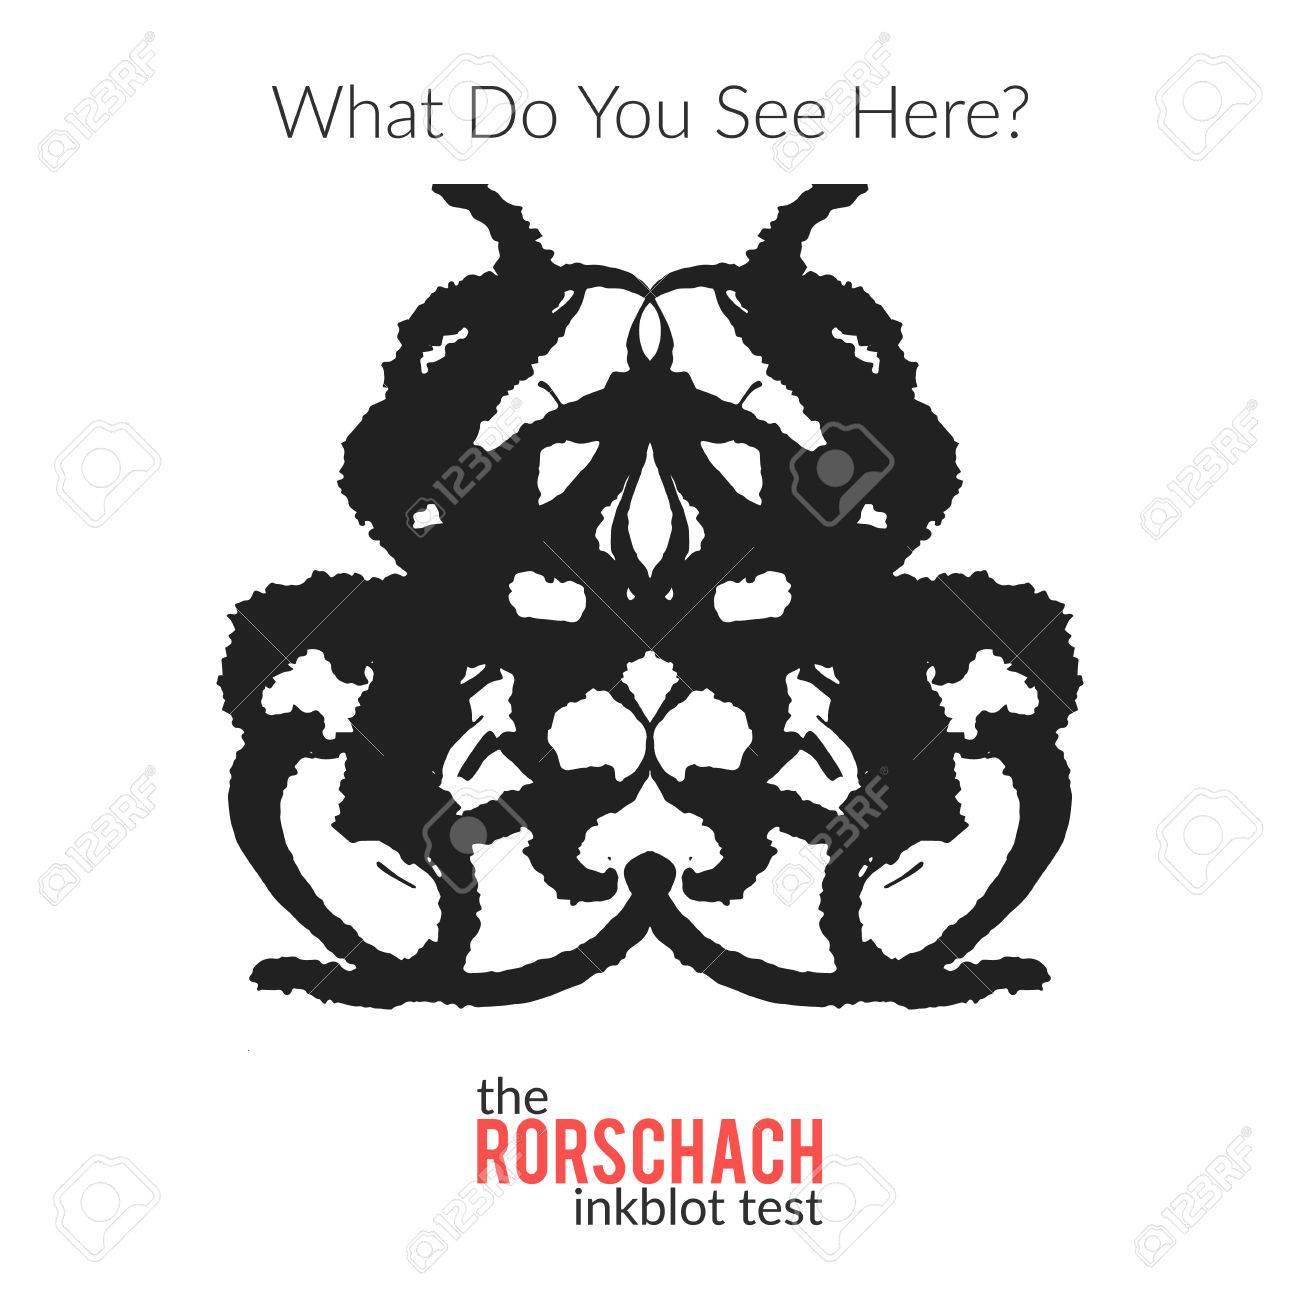 Le Vecteur De Test Inkblot Variation Isole Rorschach Pour Le Test Psychologique Pour Les Psychologues Et Leurs Patients La Technique Rorschach Avec Tache D Encre Tiree Par La Main Utilisee En Psychologie Clip